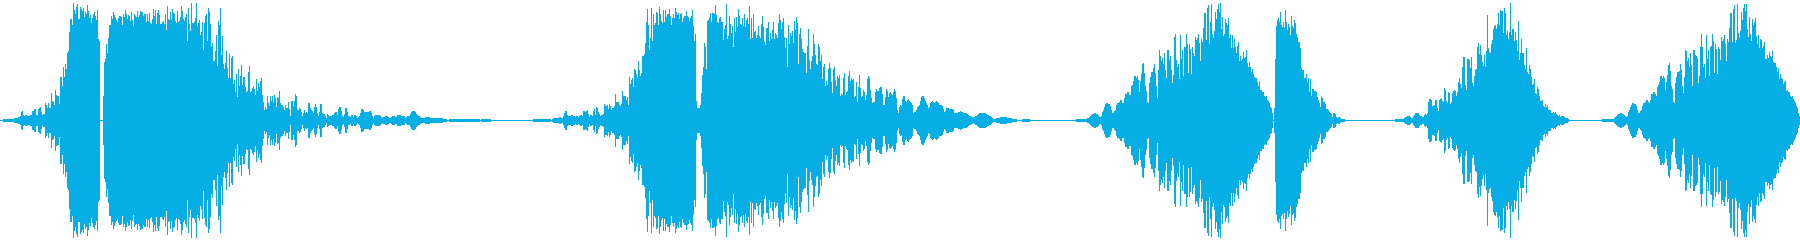 レーザージェネレーターは、ガンと放...の再生済みの波形